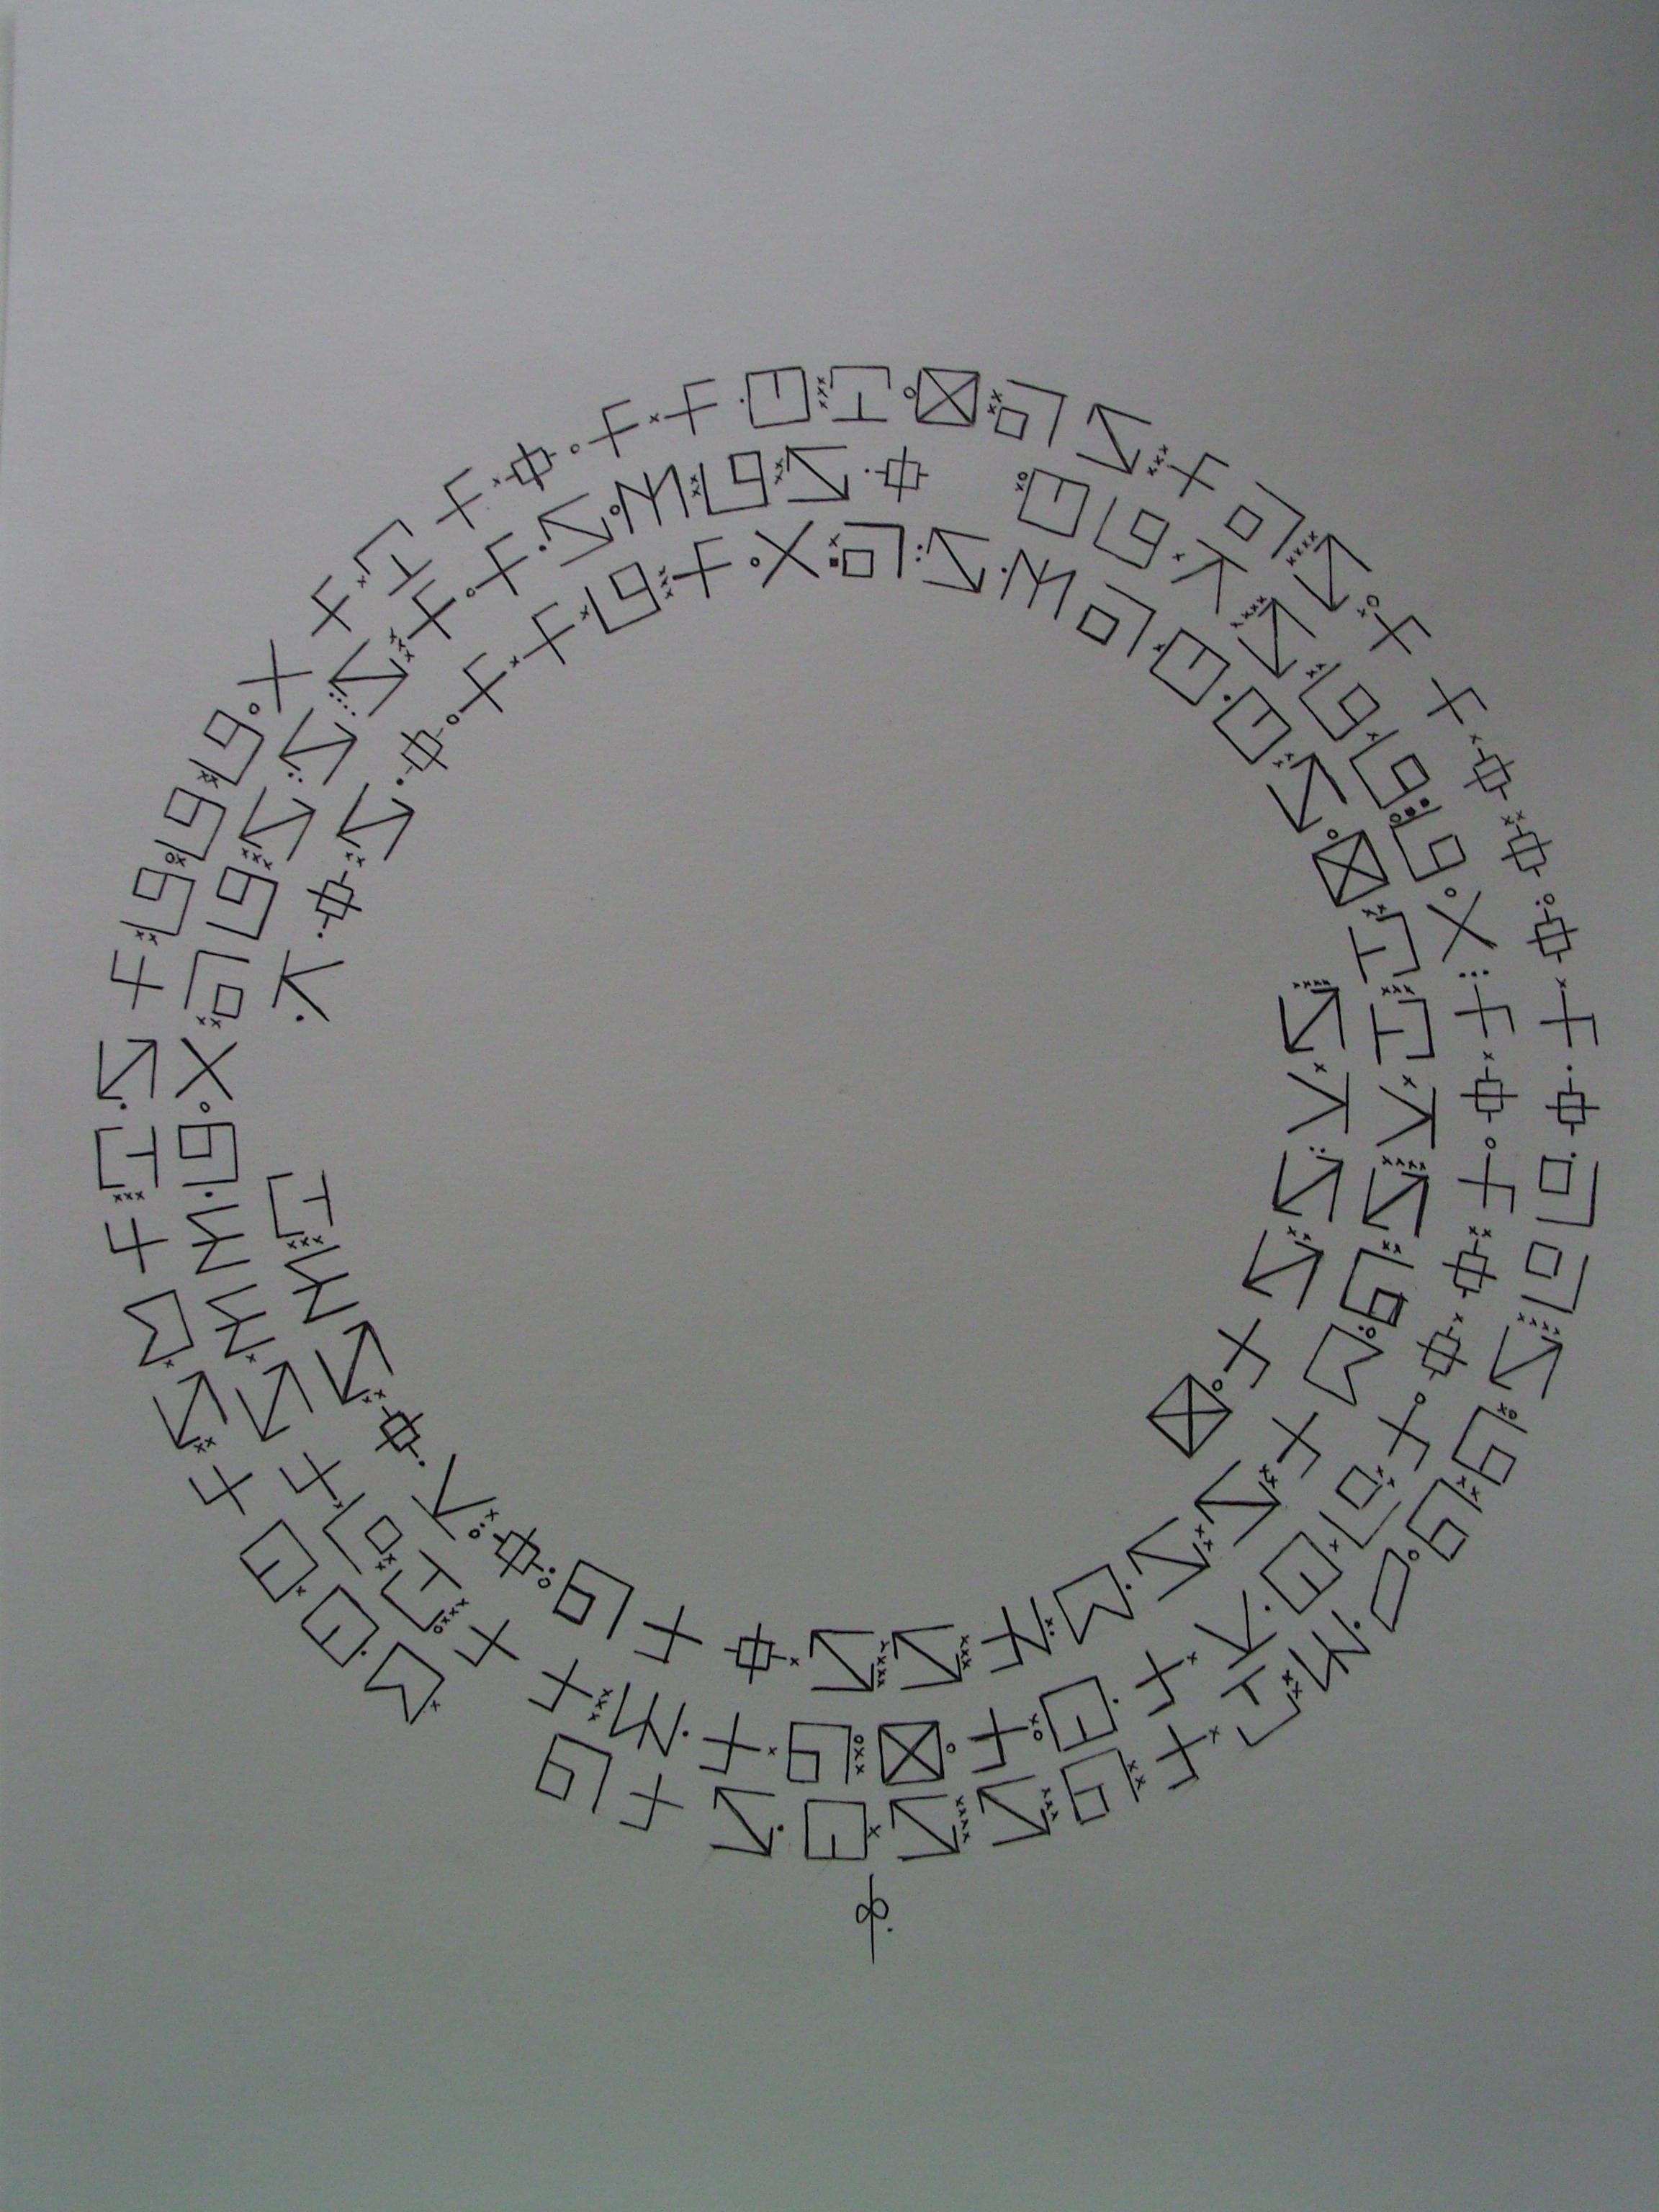 как зашифровать картинку в картинку